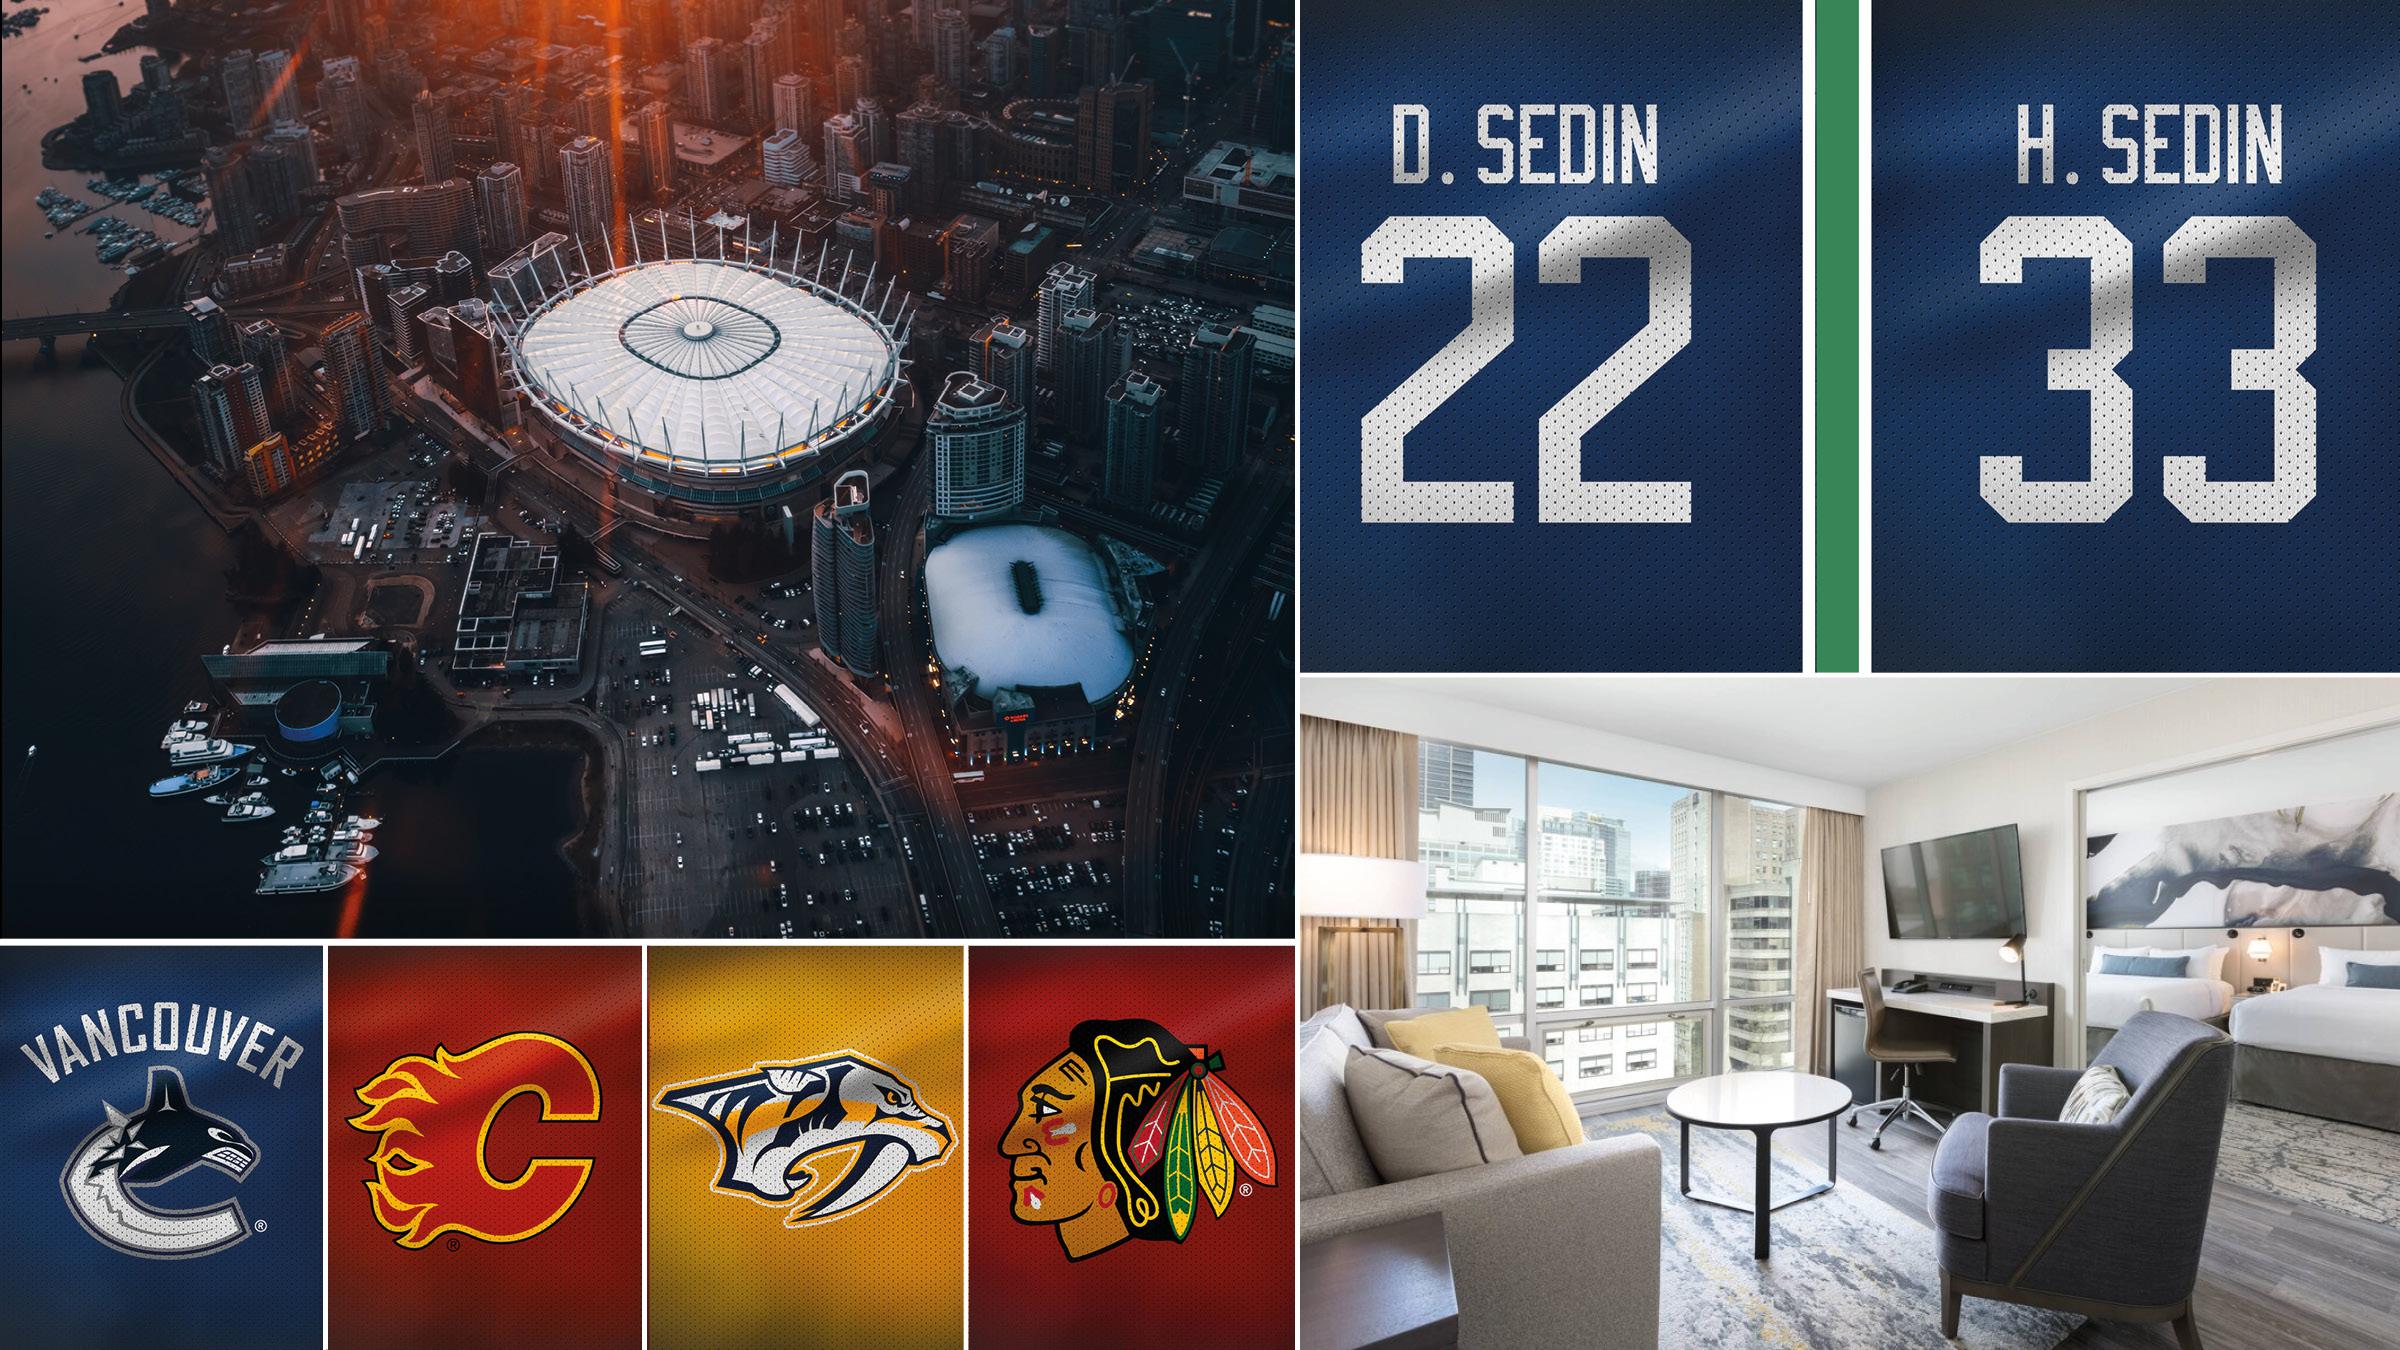 NHL-resa Vancouver - Sedins tröjhissning - 7-14 februari 2020 | Följ med på NHL-resa till natursköna Vancouver i Kanada. Tre matcher från världens bästa liga väntar och under den sista av dem får uppleva något unikt - bröderna Henrik och Daniel Sedins tröjhissning till taket i Rogers Arena. Paketresa med 6 nätter hotell centralt i Vancouver, stadsrundtur och inte minst matchbiljetter på nedre nivå.